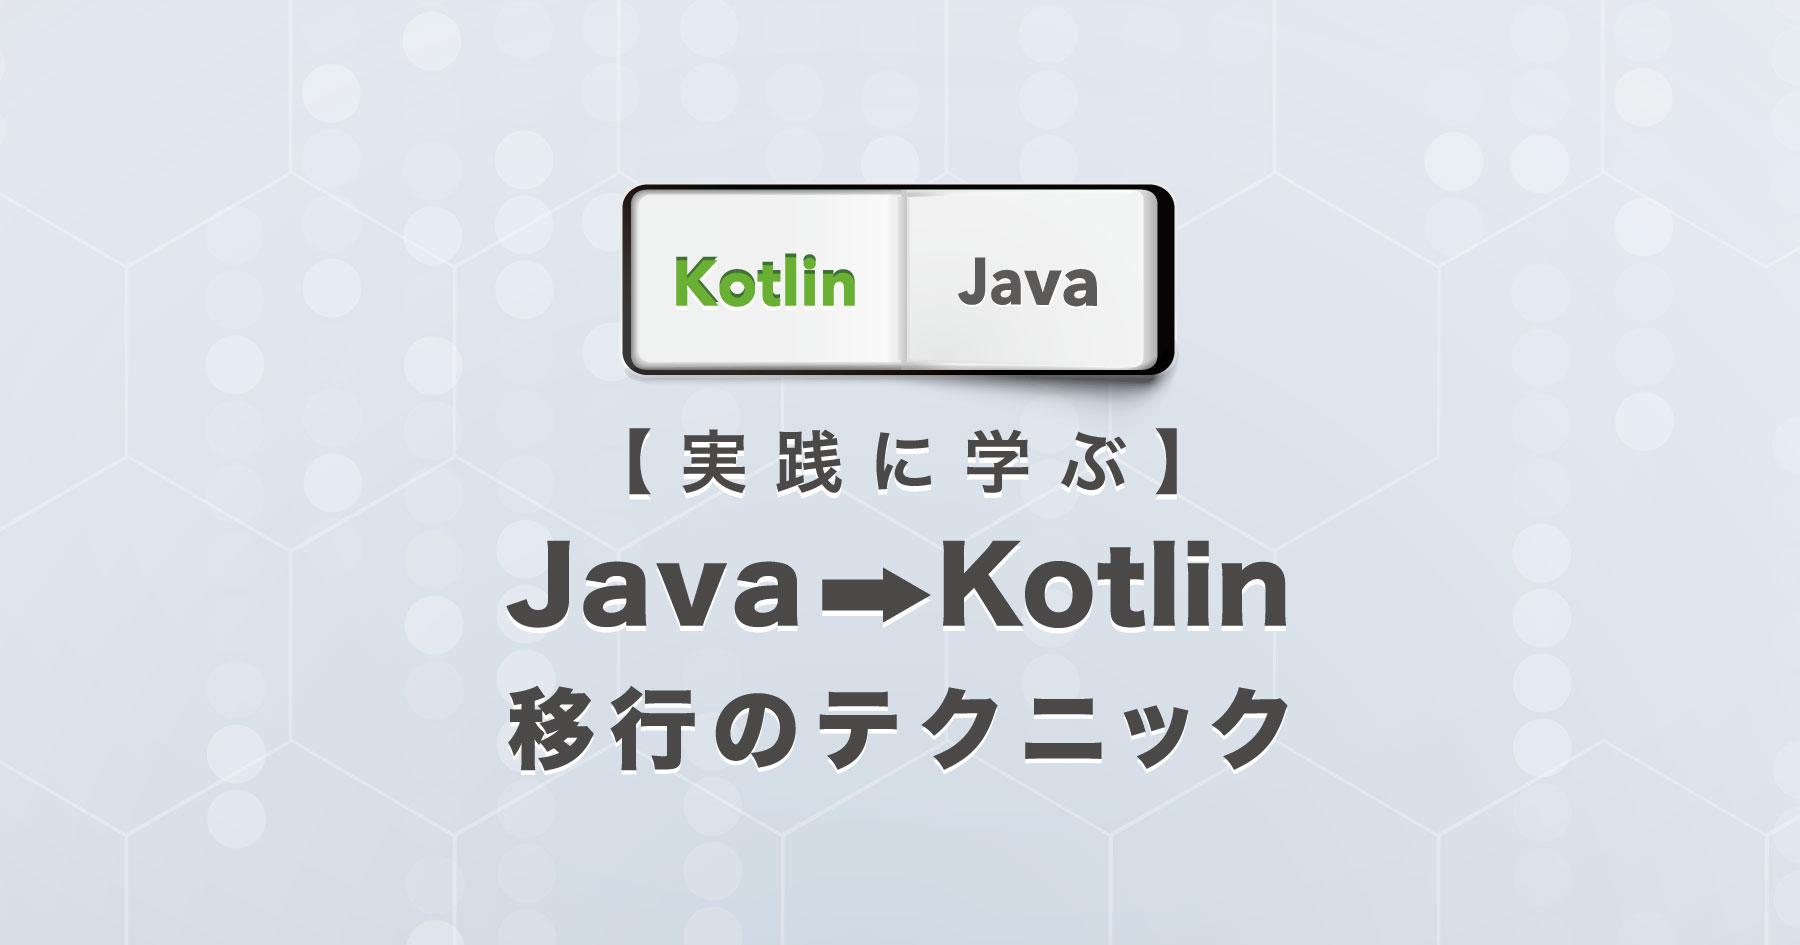 QnA VBage JavaからKotlinに変換する7つのテクニック Kotlinらしさを生かした簡潔なコードに置き換えよう - エンジニアHub 若手Webエンジニアのキャリアを考える!